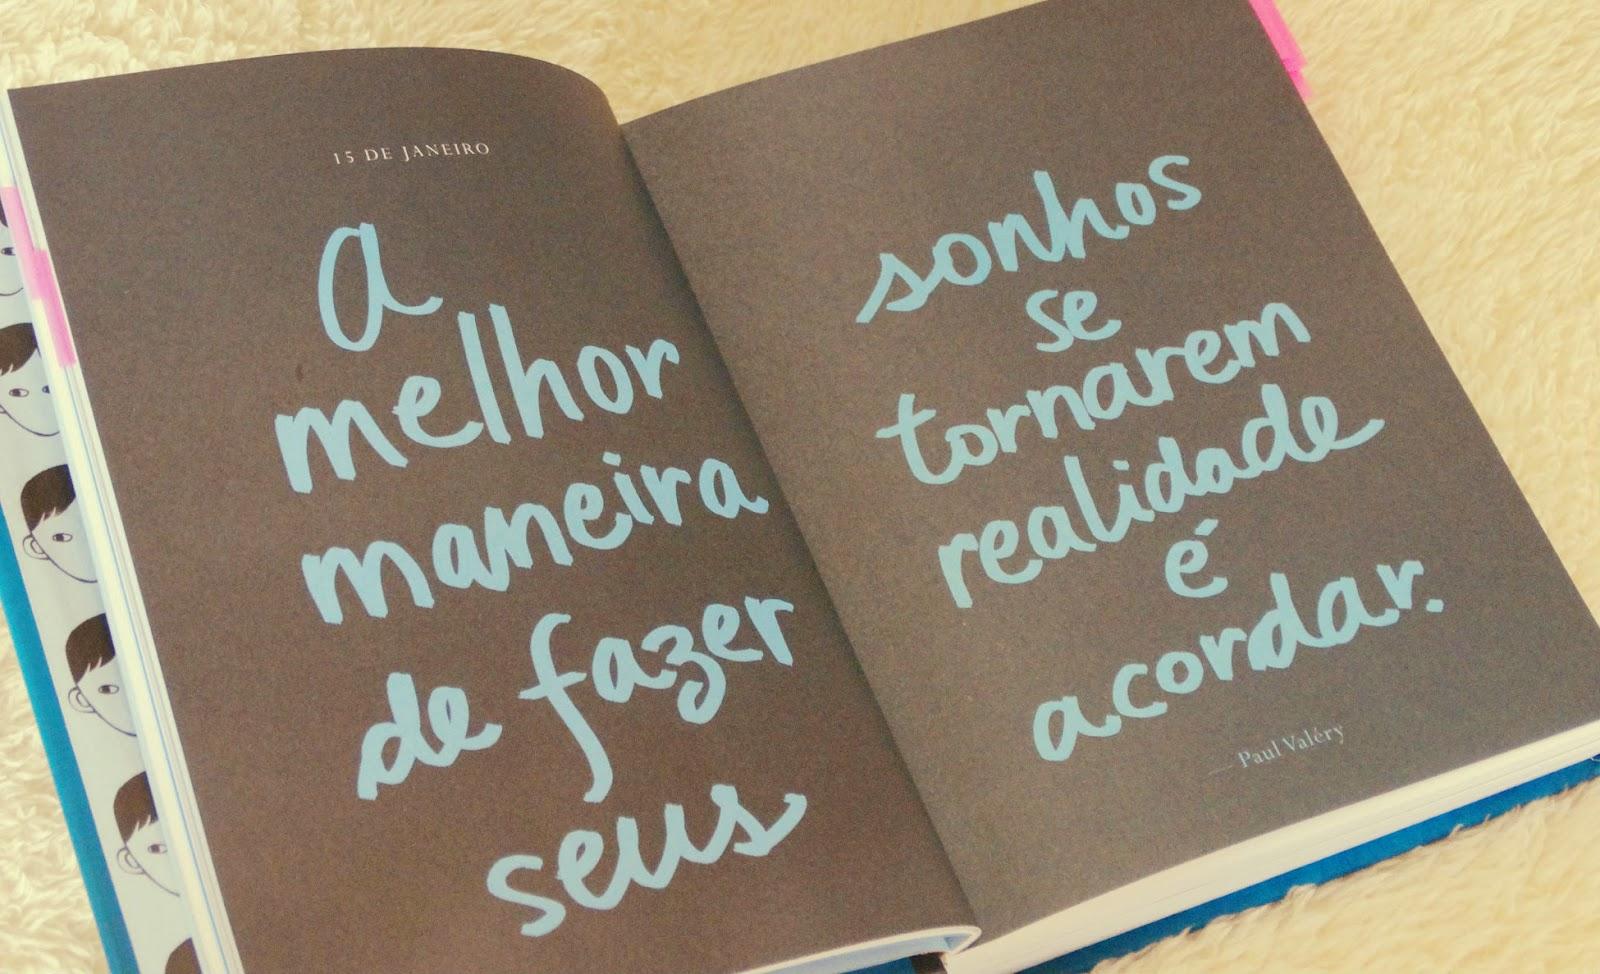 Conhecido A Frase do Livro | Solteiras Noivas Casadas CG61